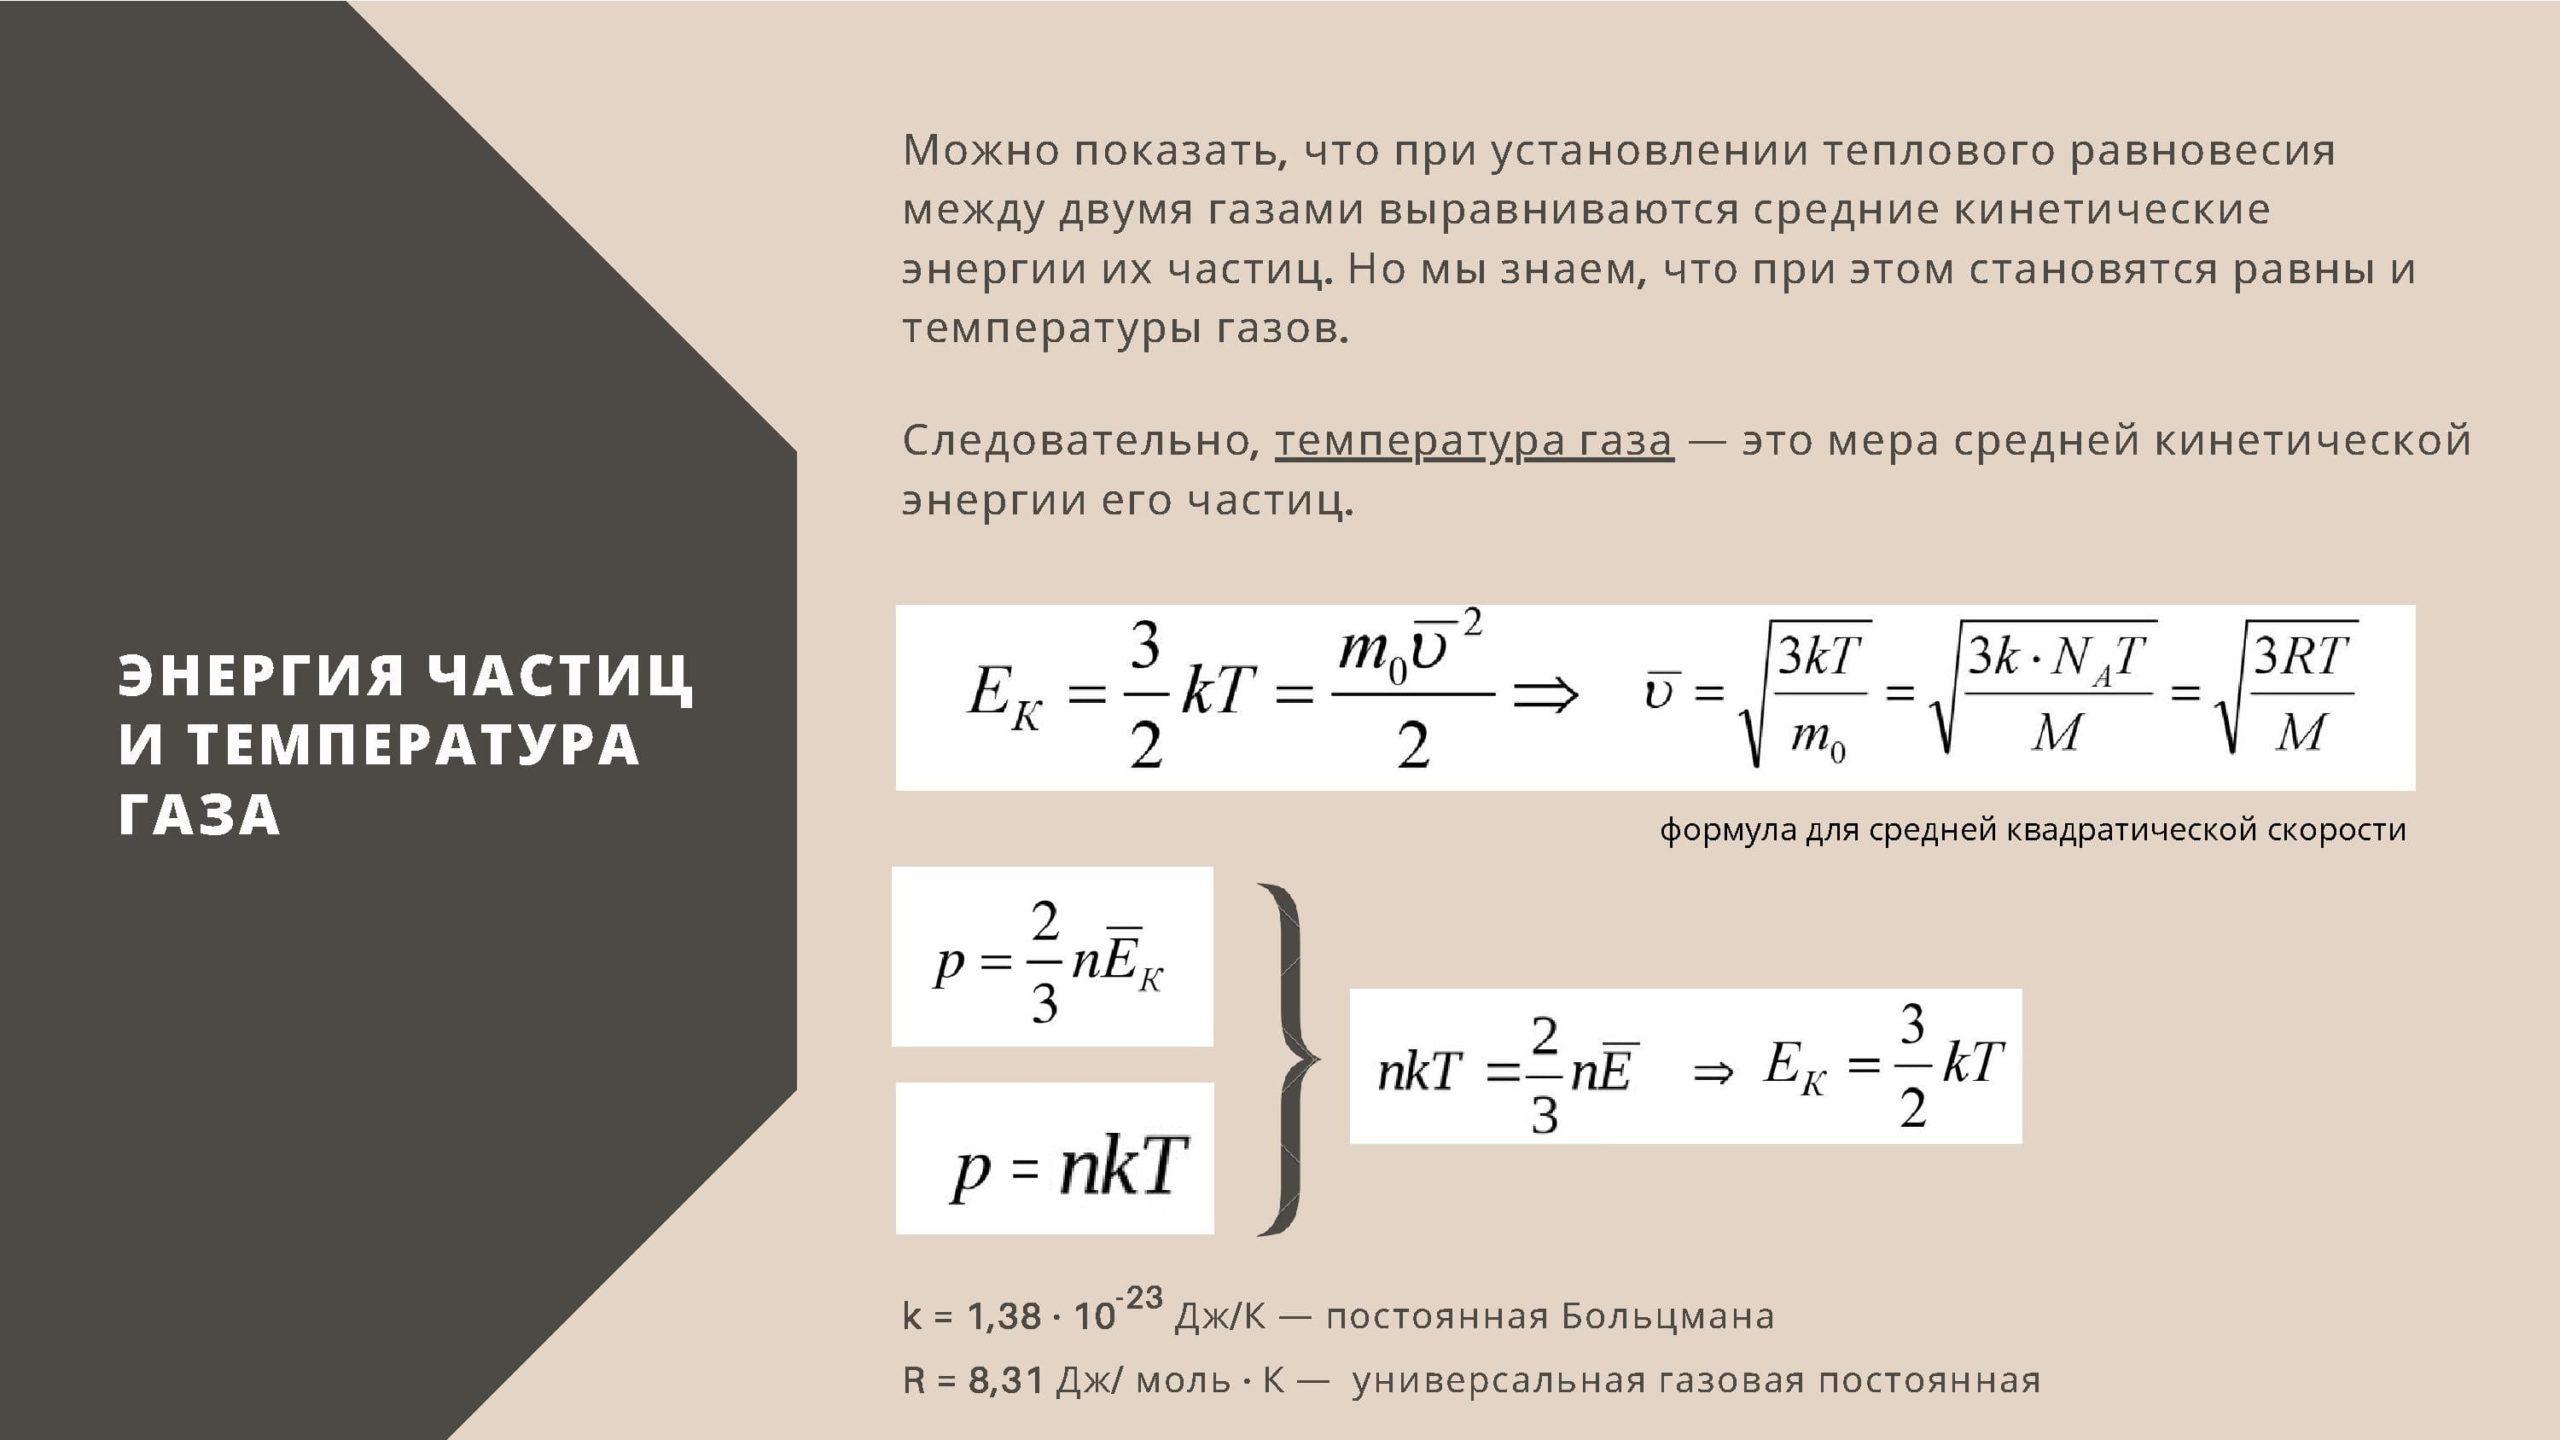 Энергия частиц и температура газа